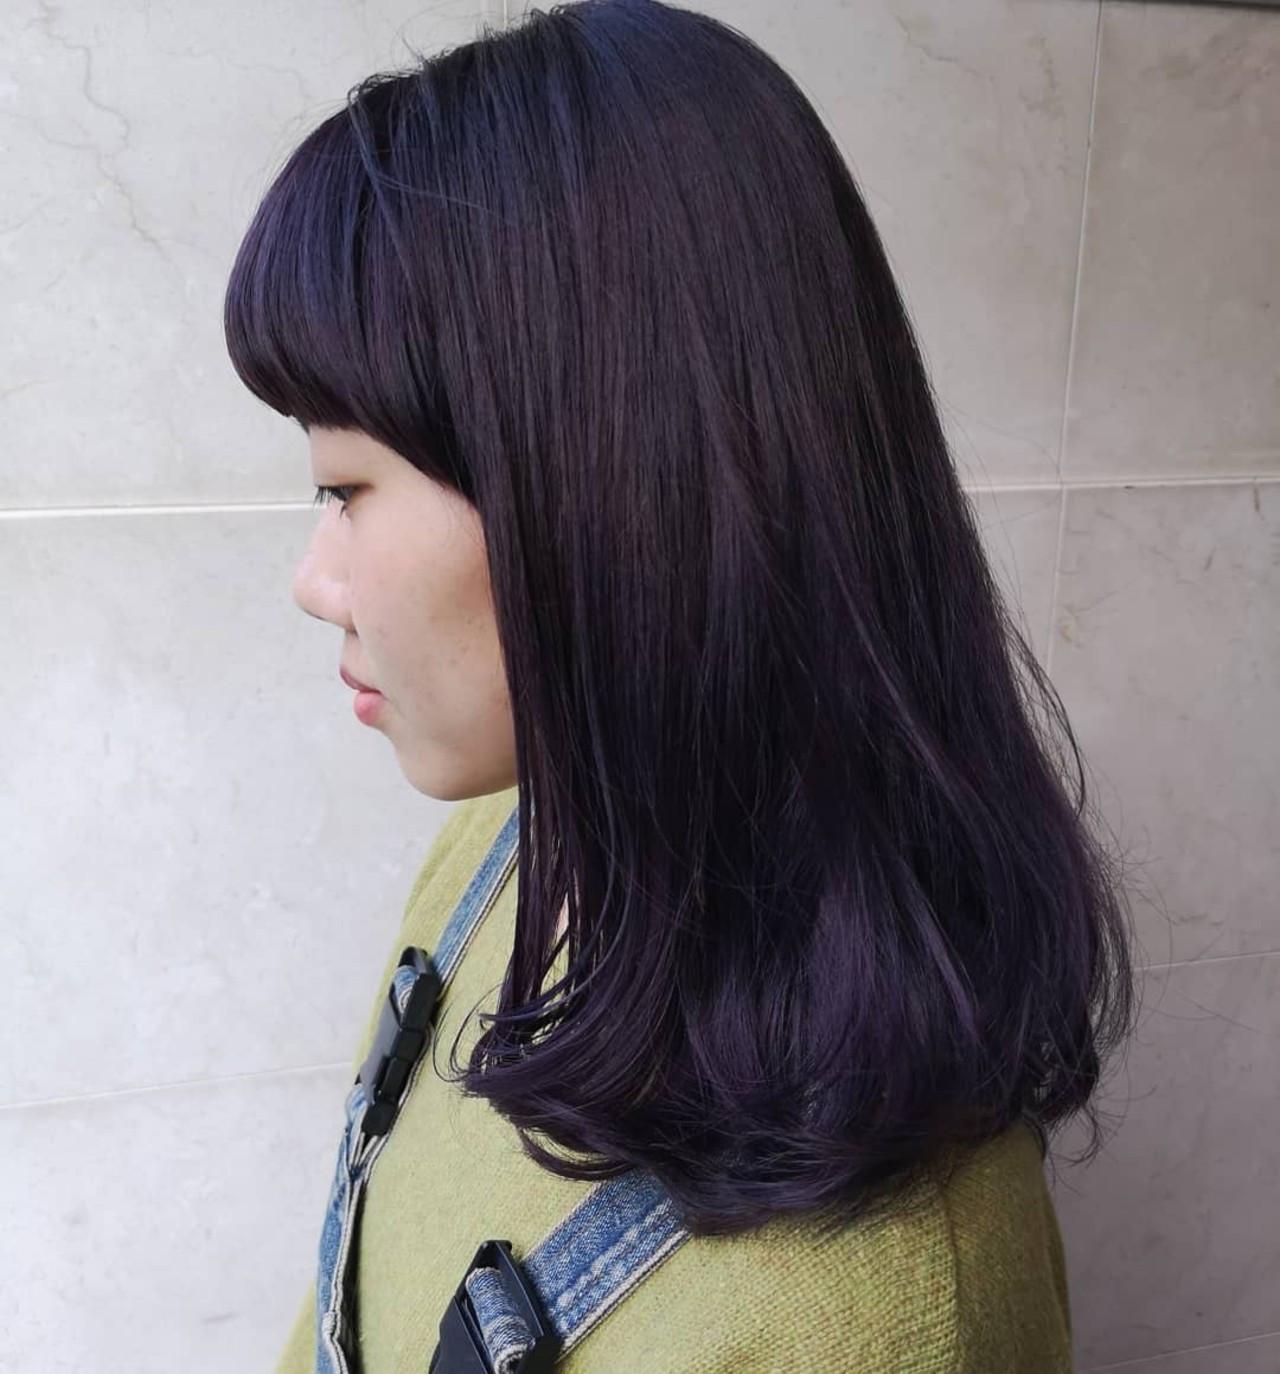 バイトもOK?暗めパープルカラーヘア Yusuke Matsumoto